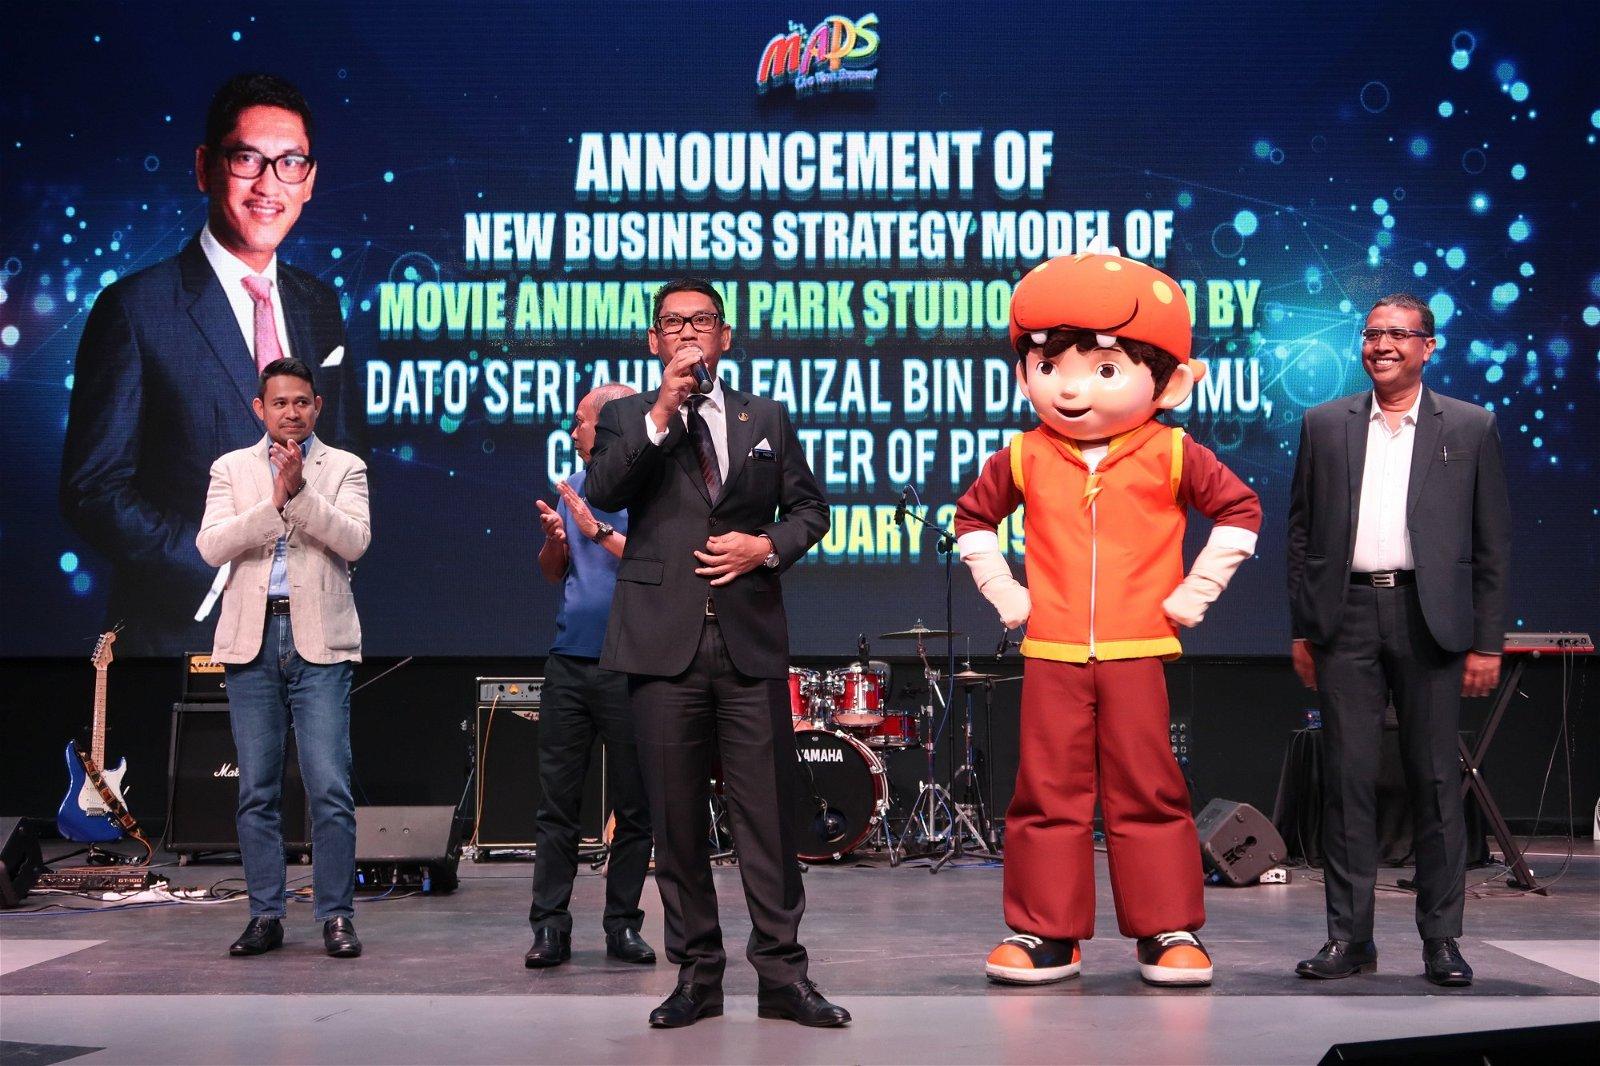 阿末费沙(左2)出席动画影城推介新商业策略仪式时致词,左起为鲁玛利和莫哈末沙菲益。